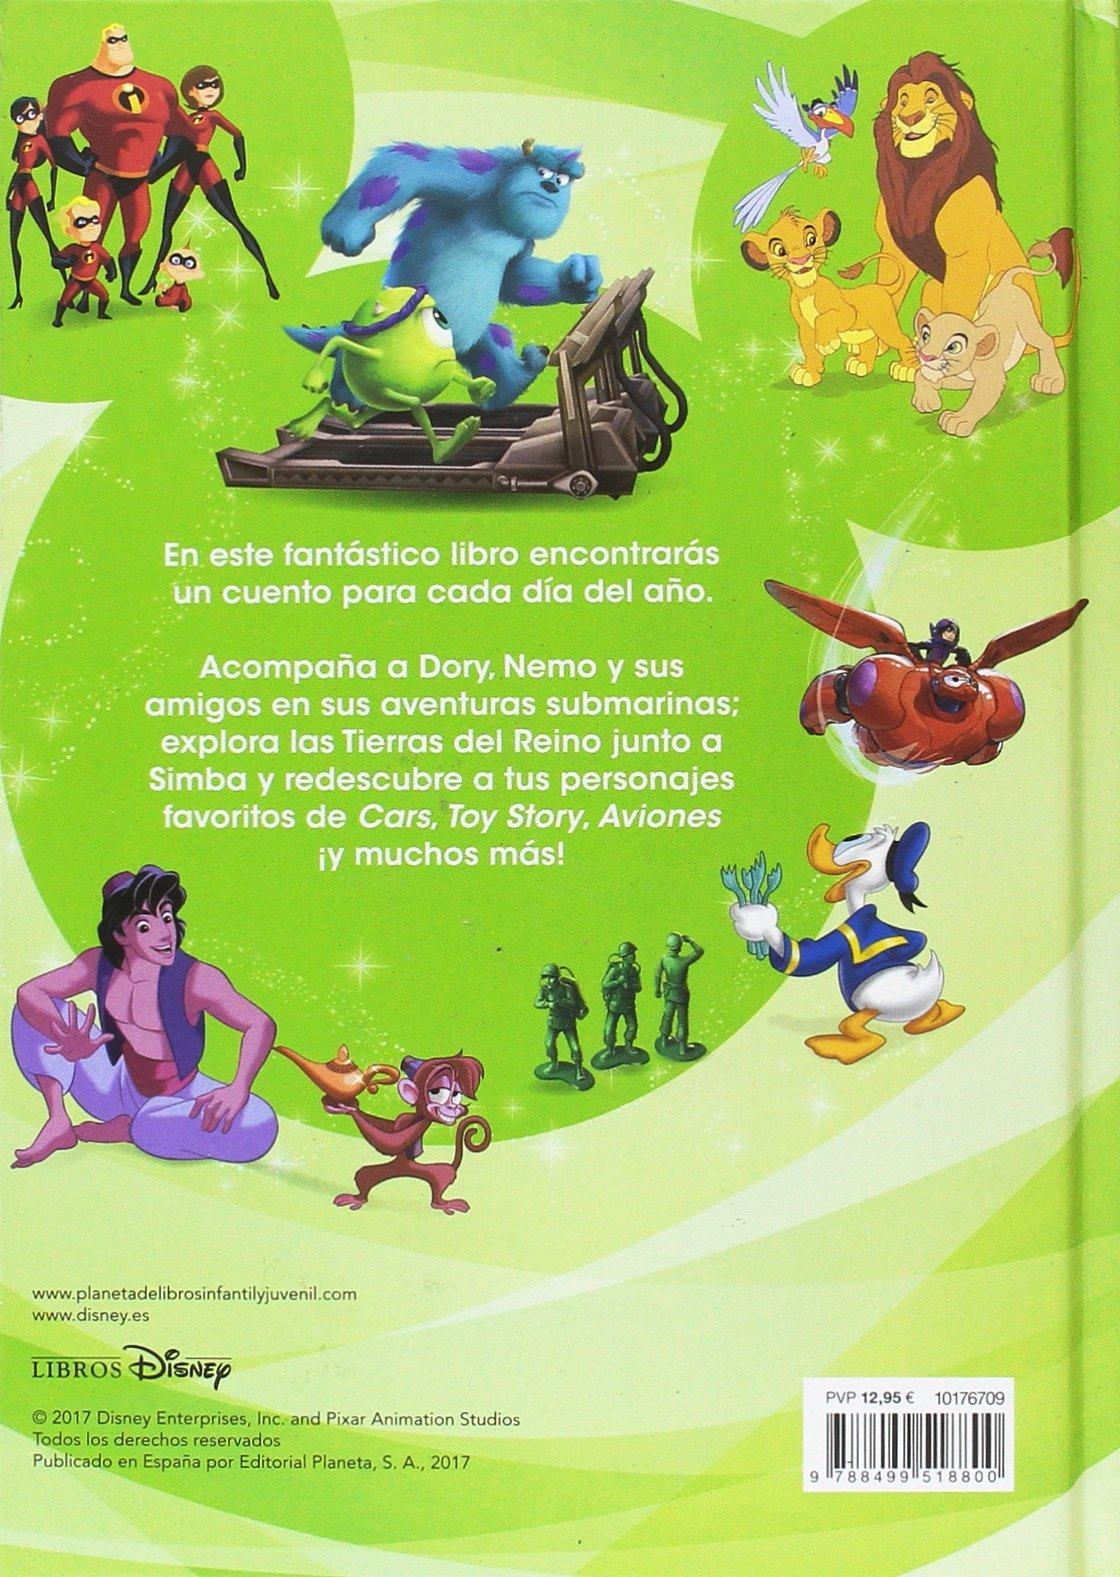 365 cuentos. Una historia para cada día 2 Disney. Otras propiedades: Amazon. de: Disney, Editorial Planeta S. A.: Fremdsprachige Bücher